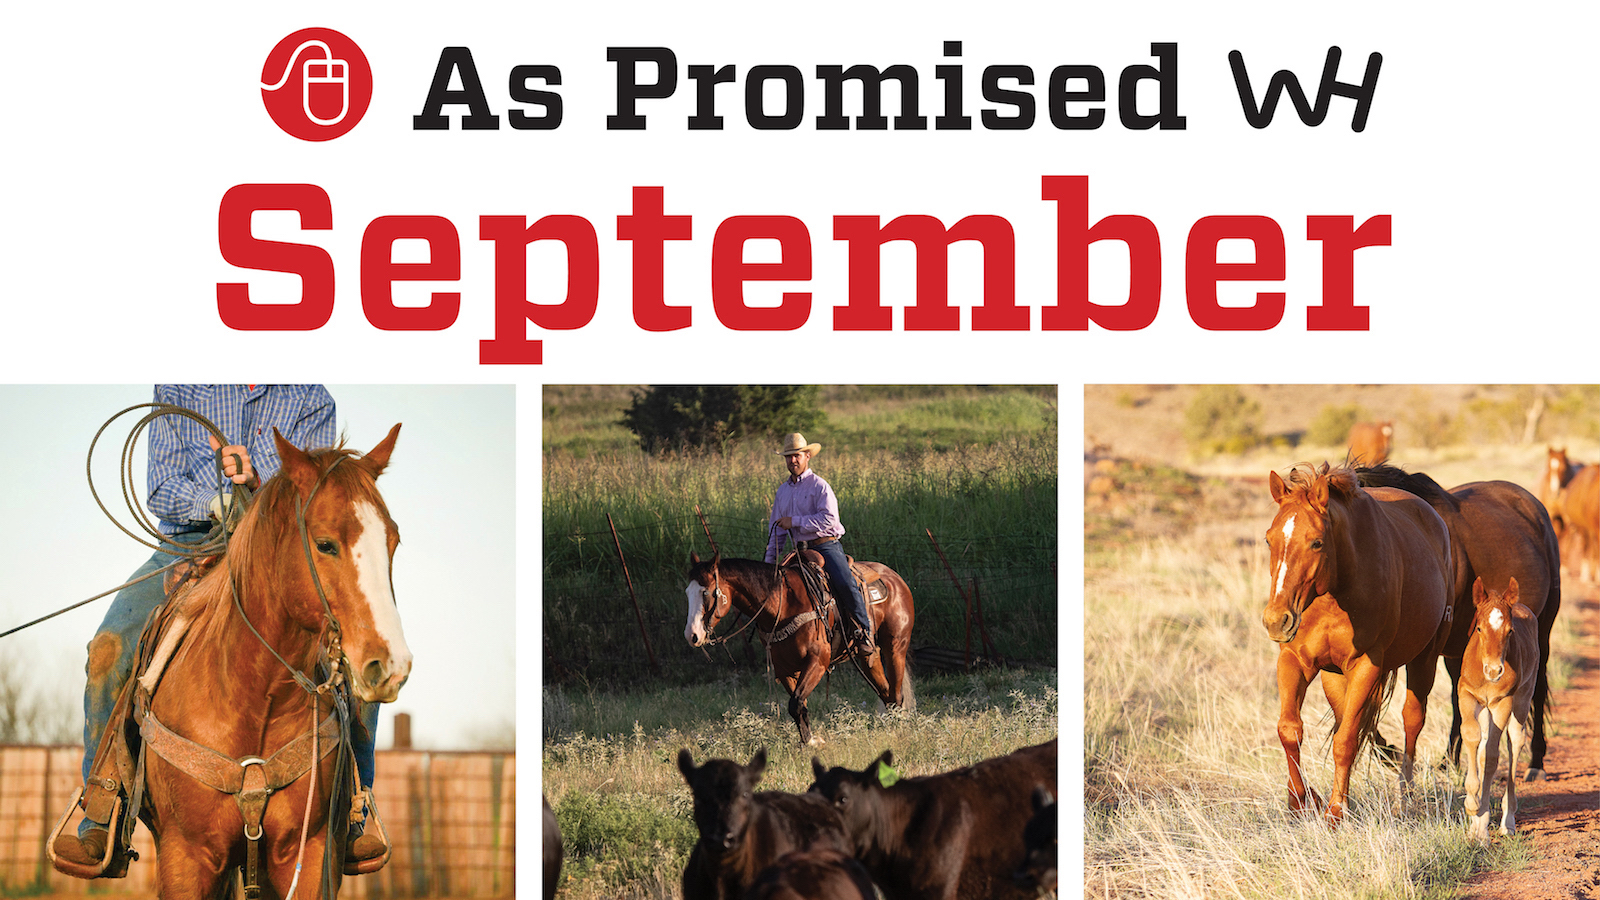 western horseman magazine september 2020 promised content